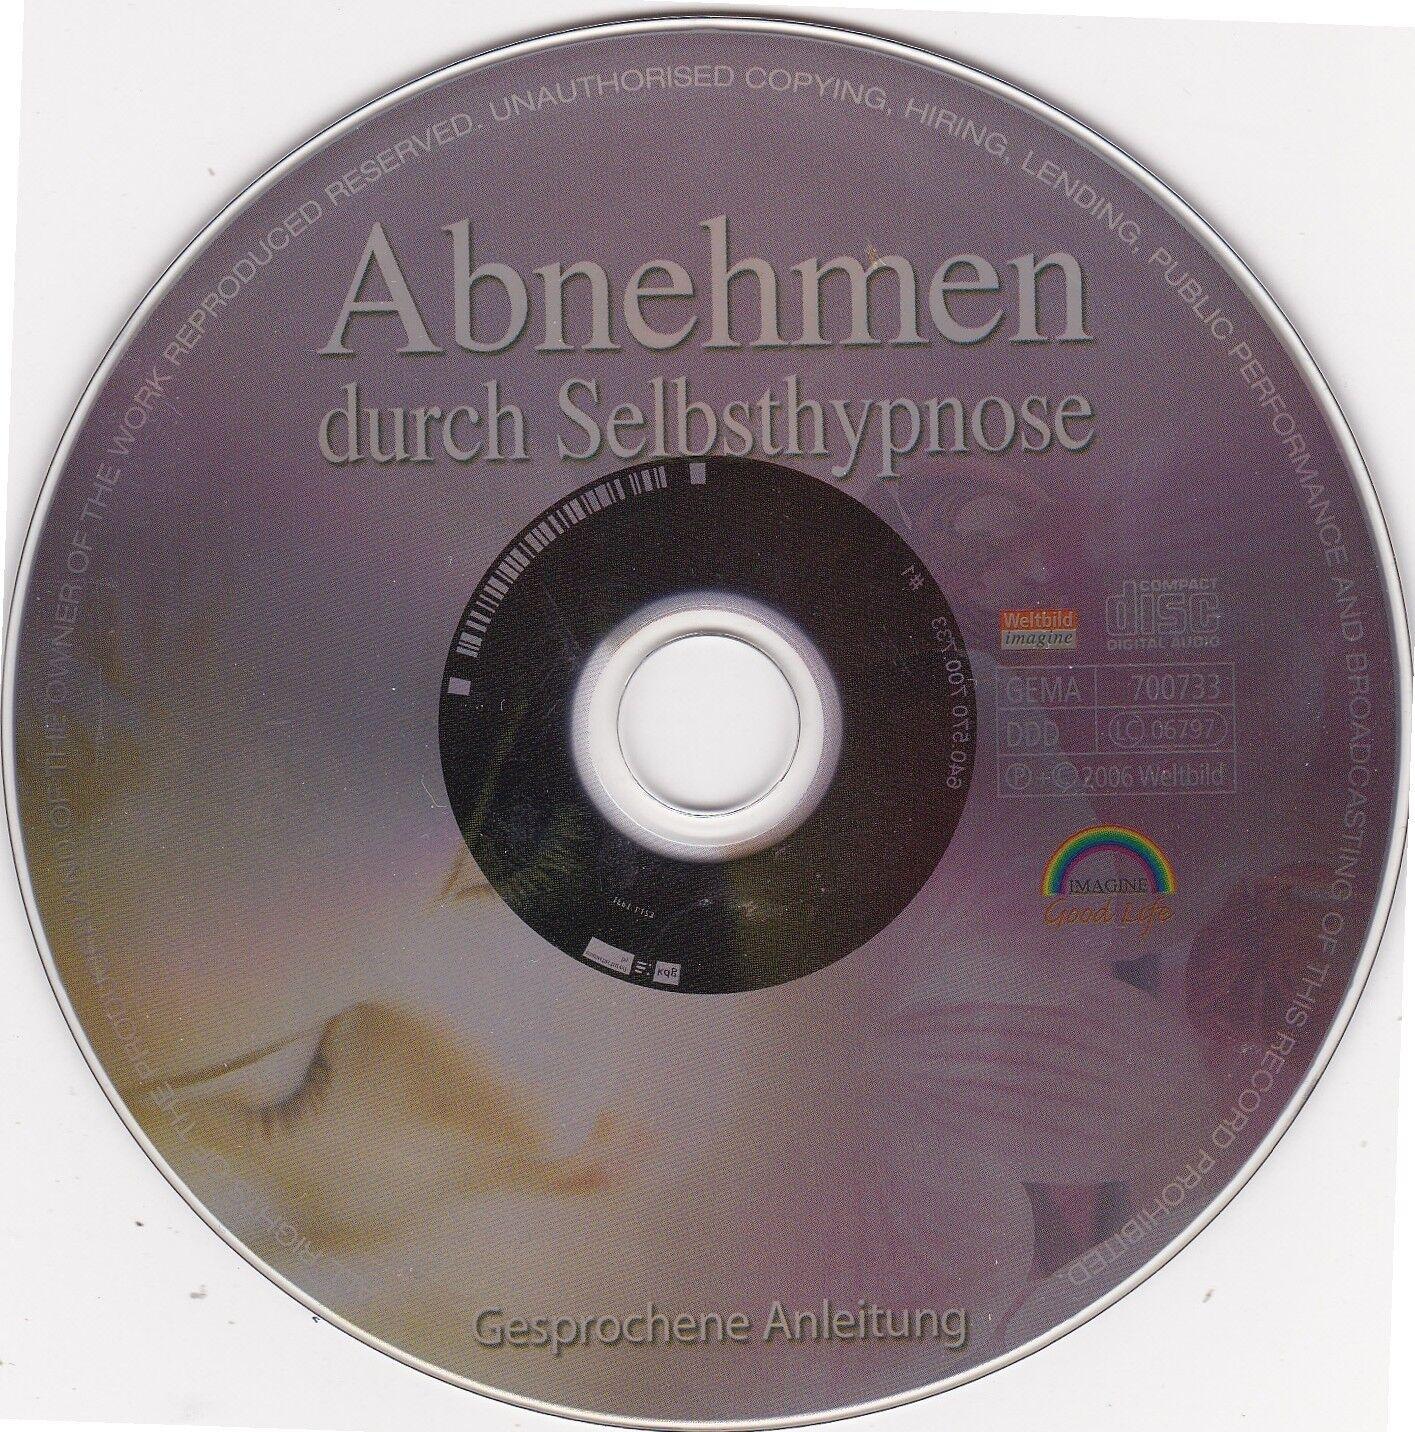 1 CD Abnehmen durch Selbsthypnose Verena Freimuth Gewichtsreduzierung Hörbuch